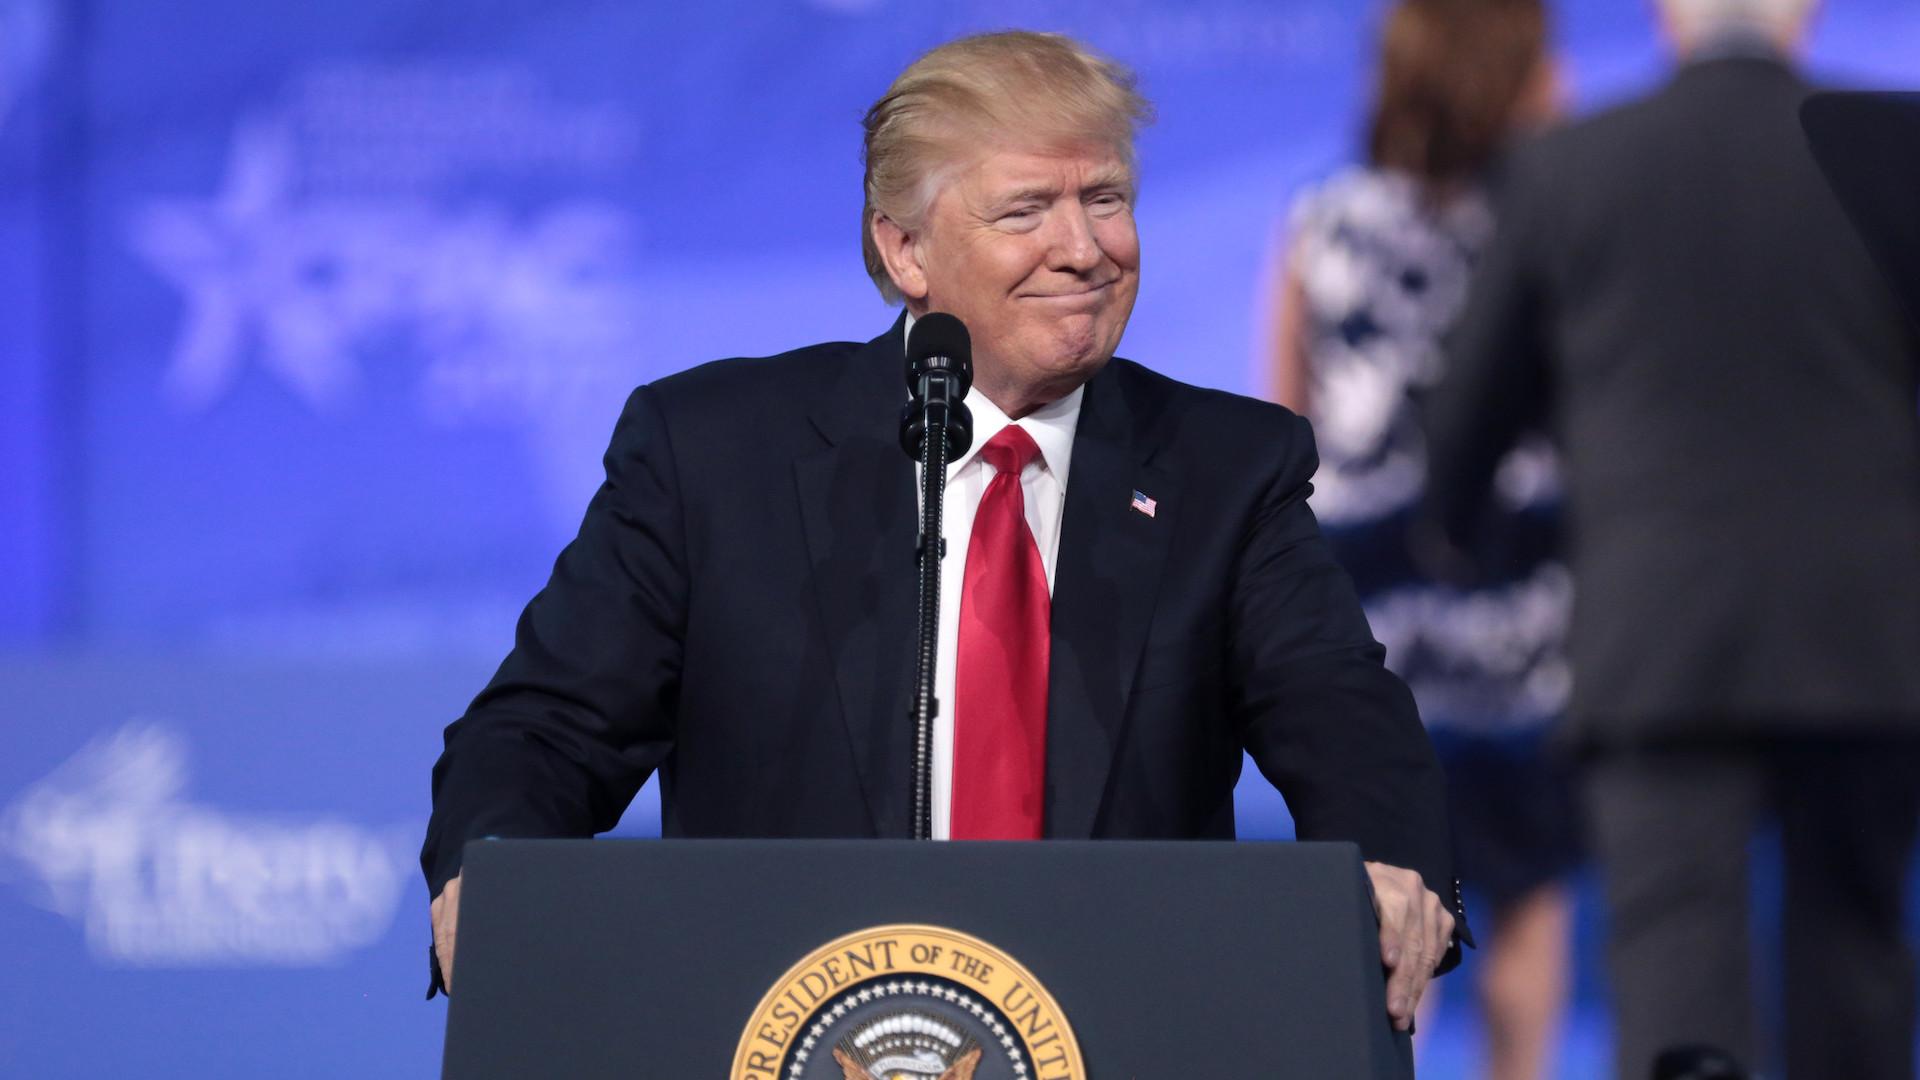 Élections US: le chef de la cybersécurité réfute toute fraude, Trump le vire